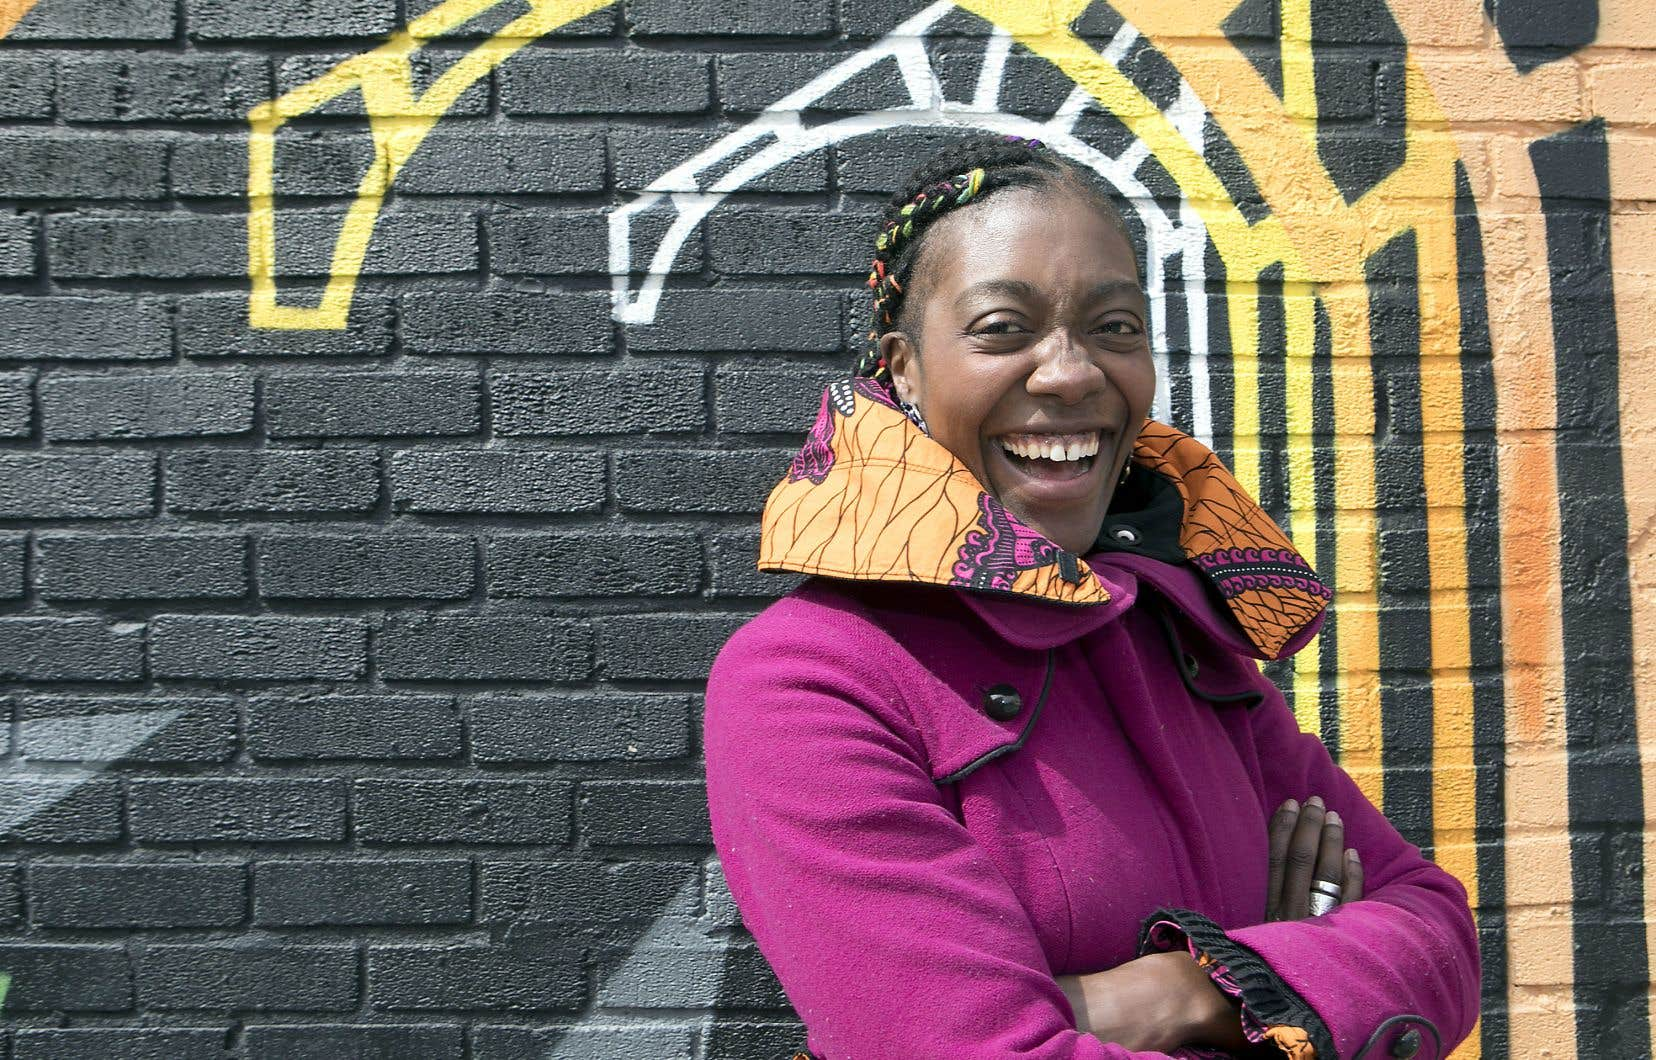 Cherchant à contrer les regards misérabilistes souvent posés sur les communautés noires, Rhodnie Désir souhaitait braquer les projecteurs sur les créations et initiatives de personnes aux propos artistiques cohérents avec leur parole publique engagée.